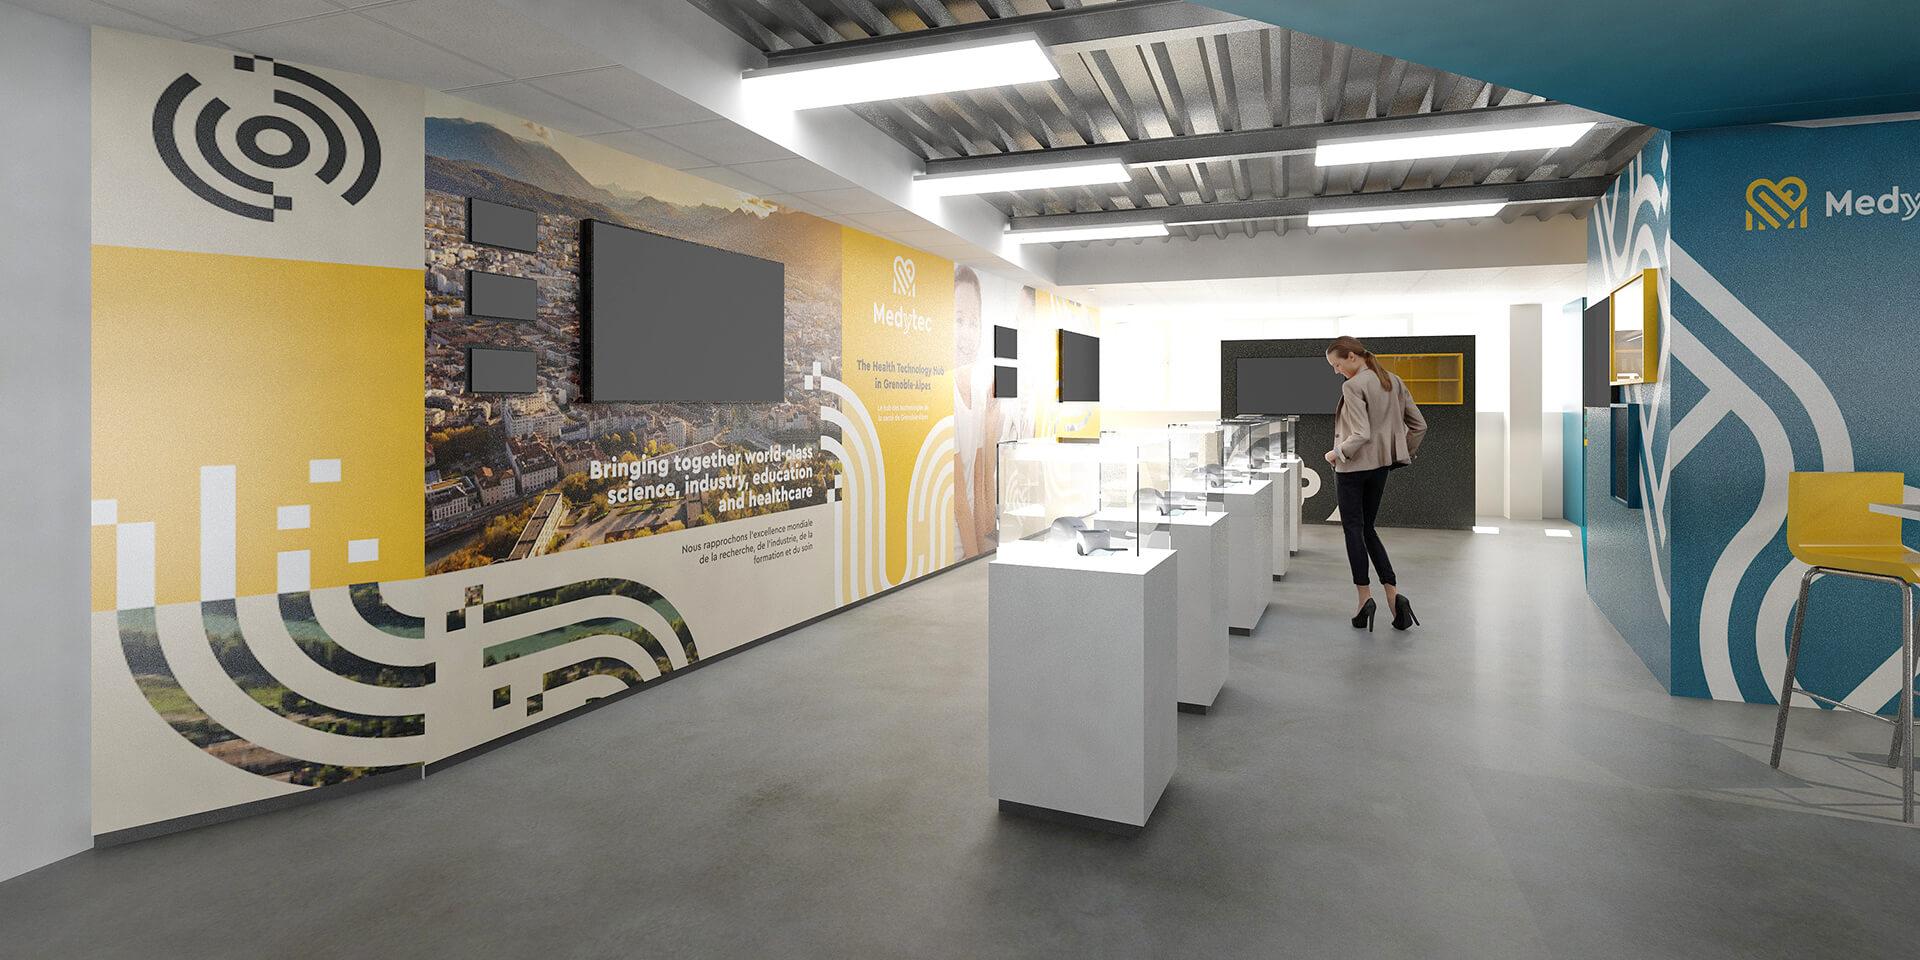 Medytec - Visitez le site de 150m2 et son espace showroom unique